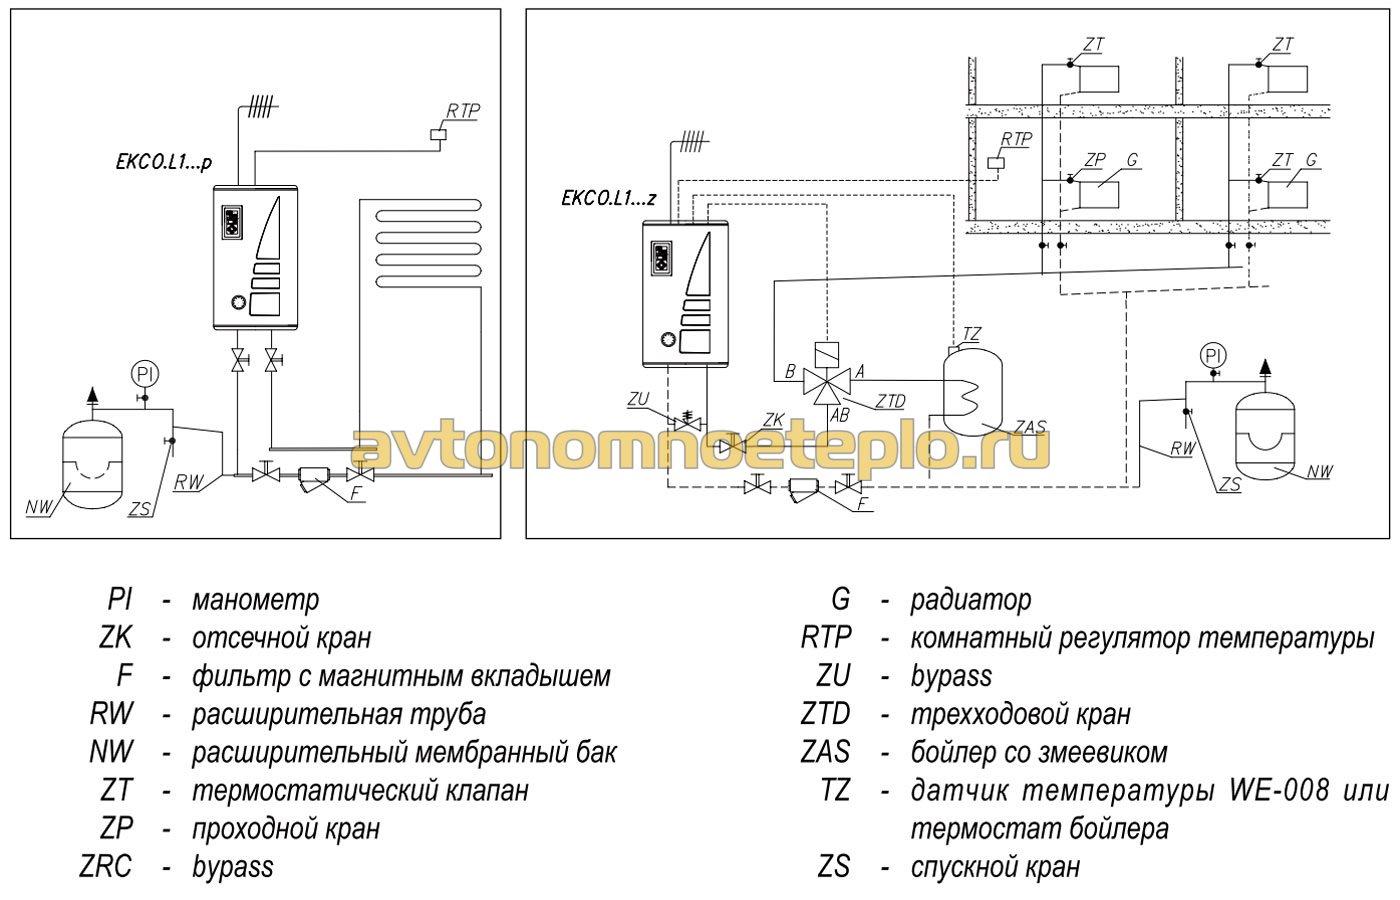 оборудование используемое при монтаже системы отопления